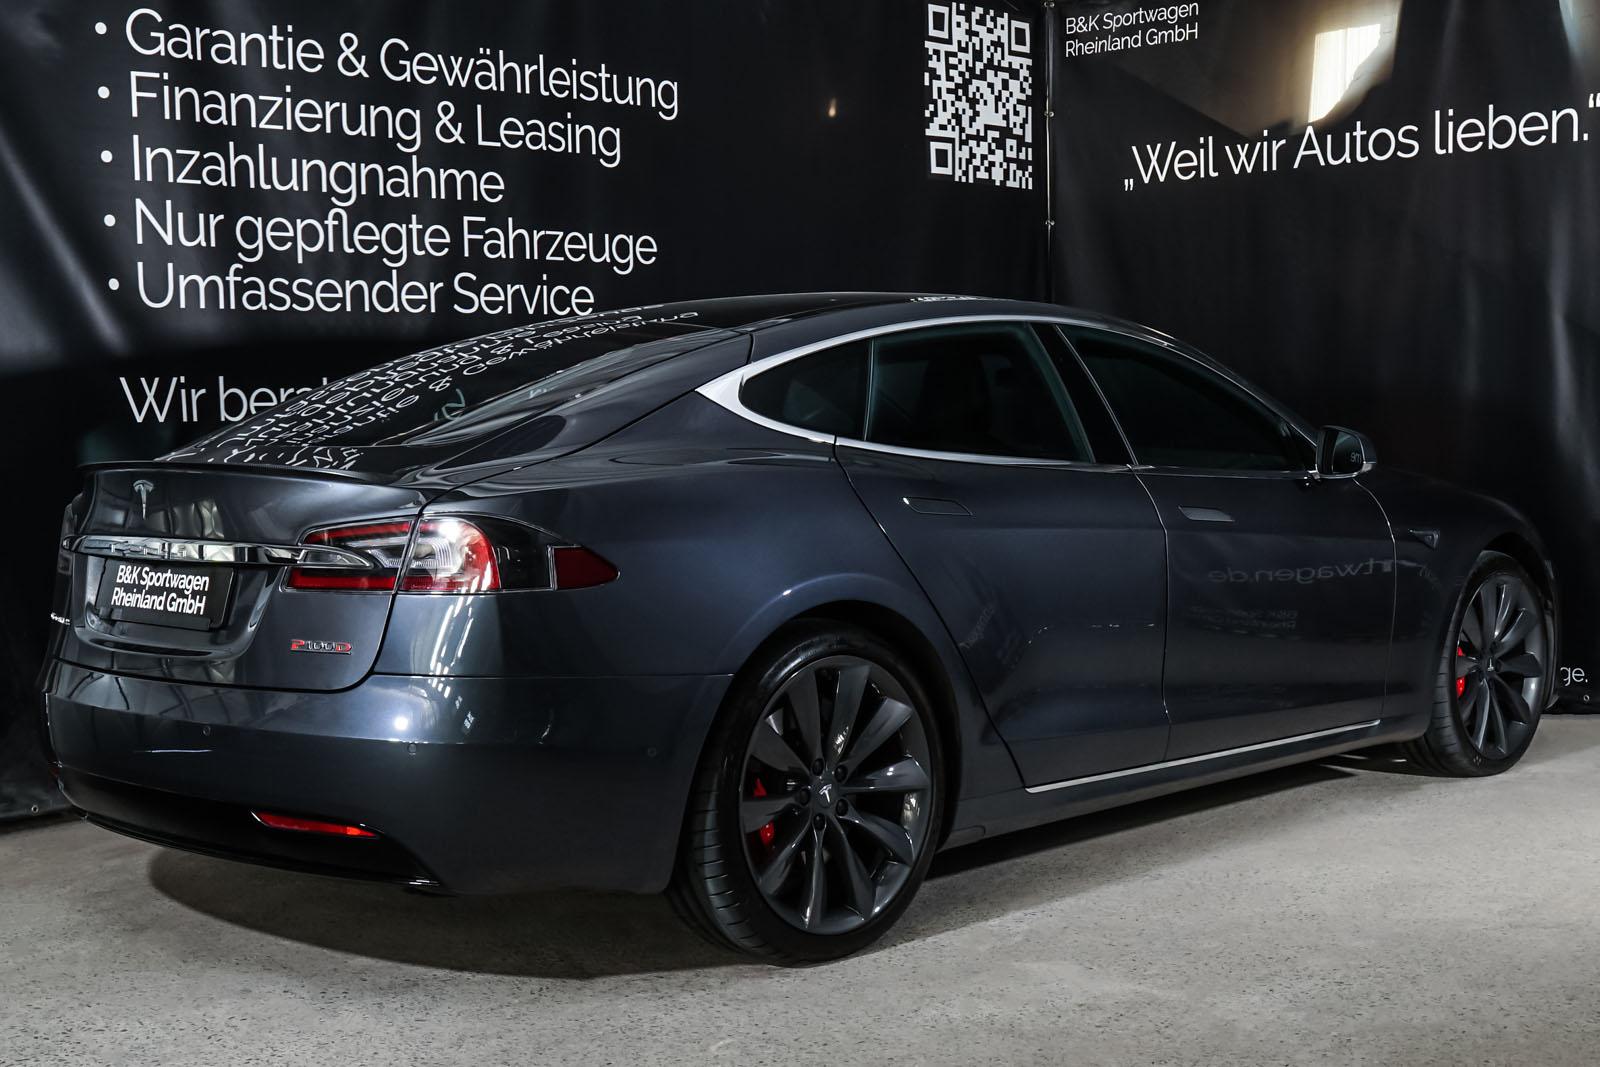 Tesla_ModelS_P100D_MidnightSilver_Schwarz_TES-6539_14_w